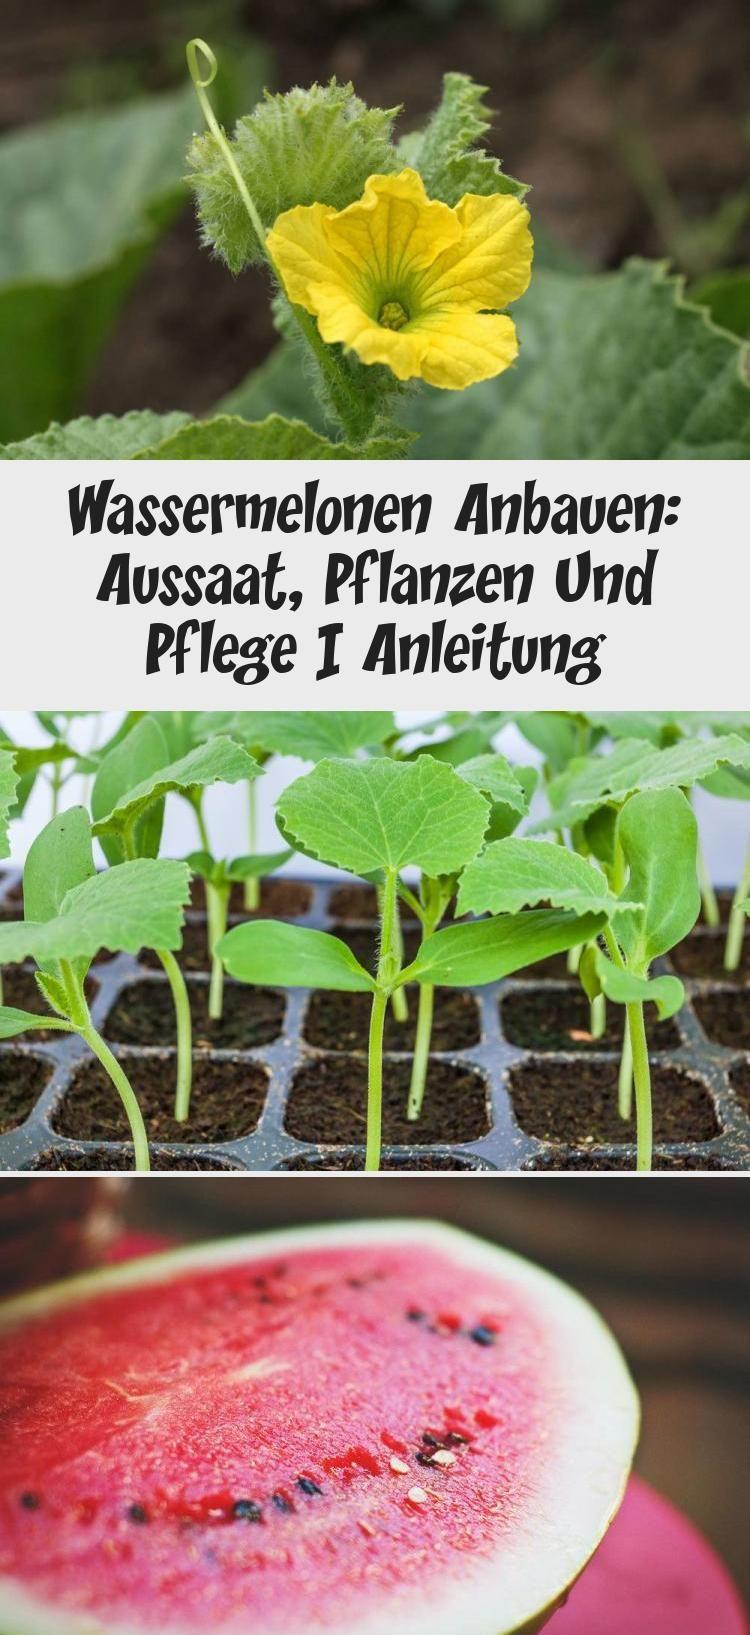 Wassermelonen Anbauen Aussaat Pflanzen Und Pflege Anleitung Vegetables Radish Food